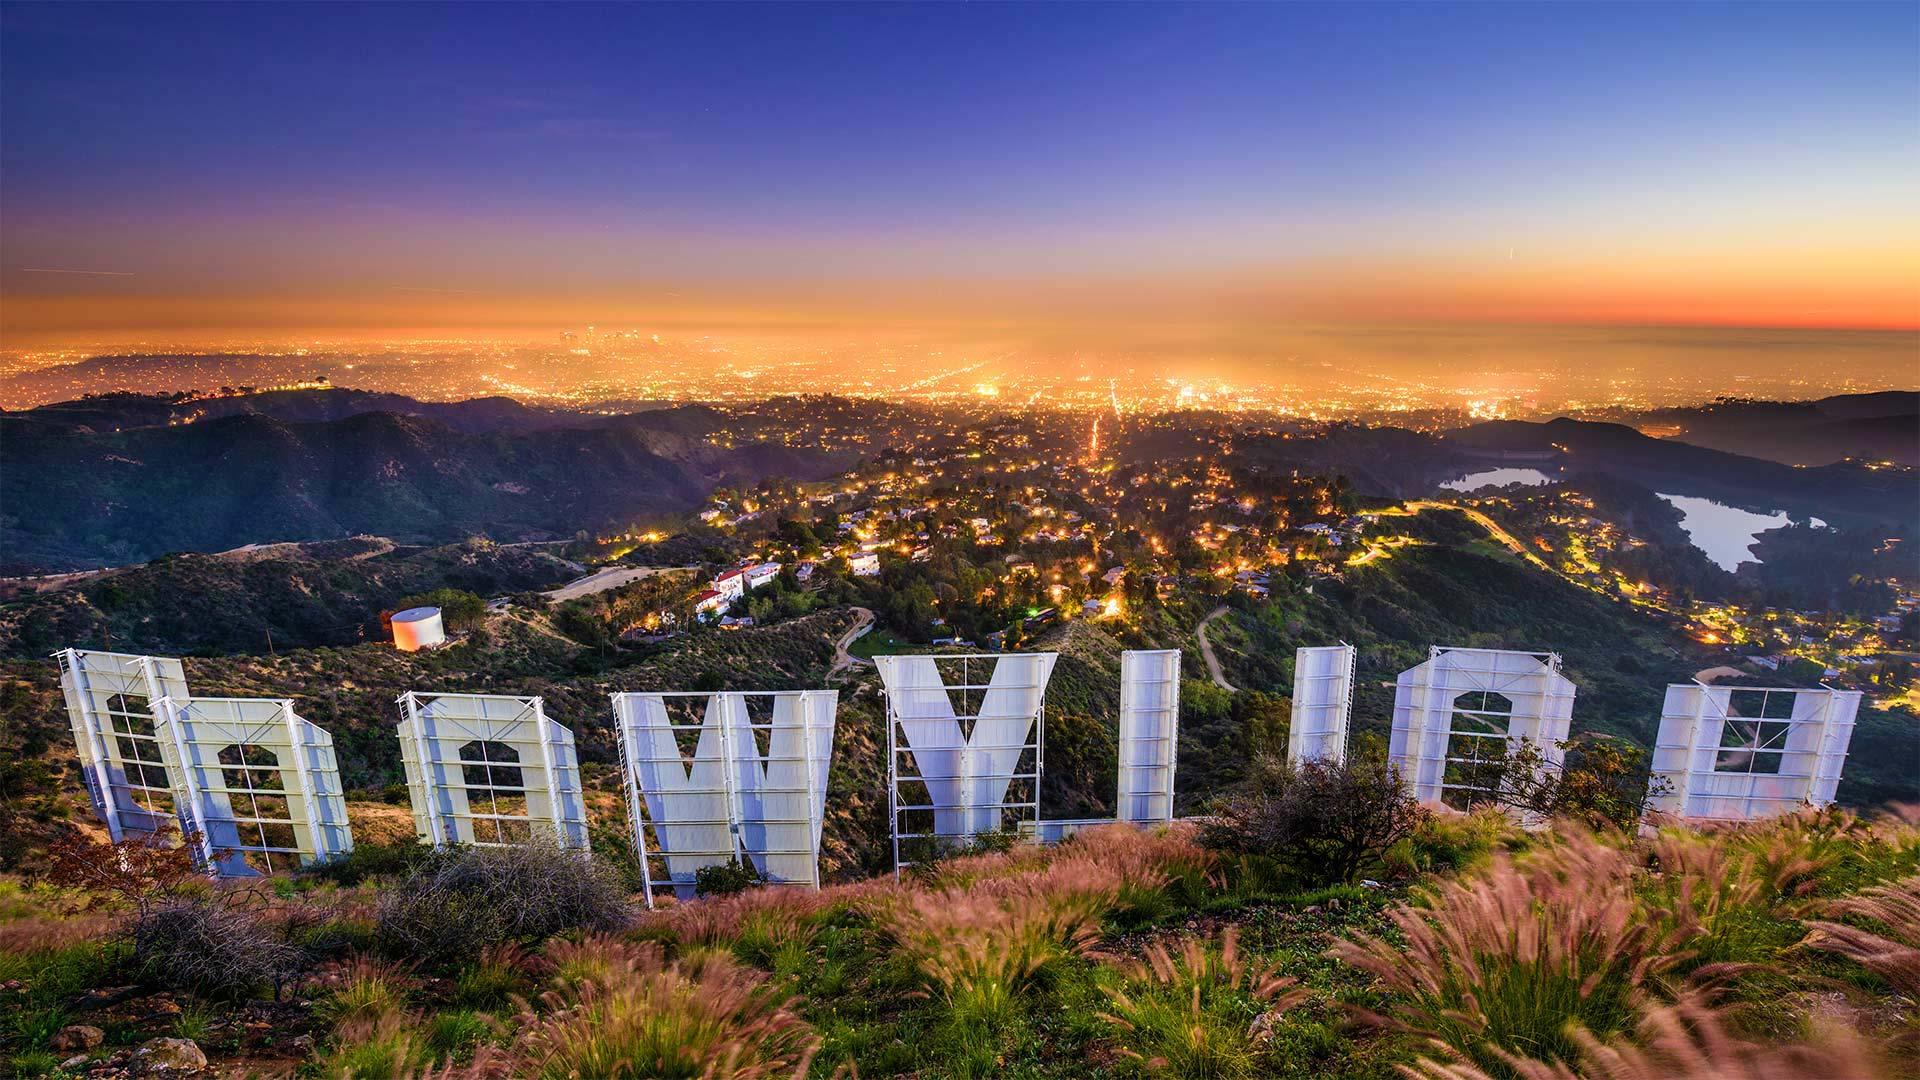 「ハリウッドサインとロサンゼルス市街」米国カリフォルニア州